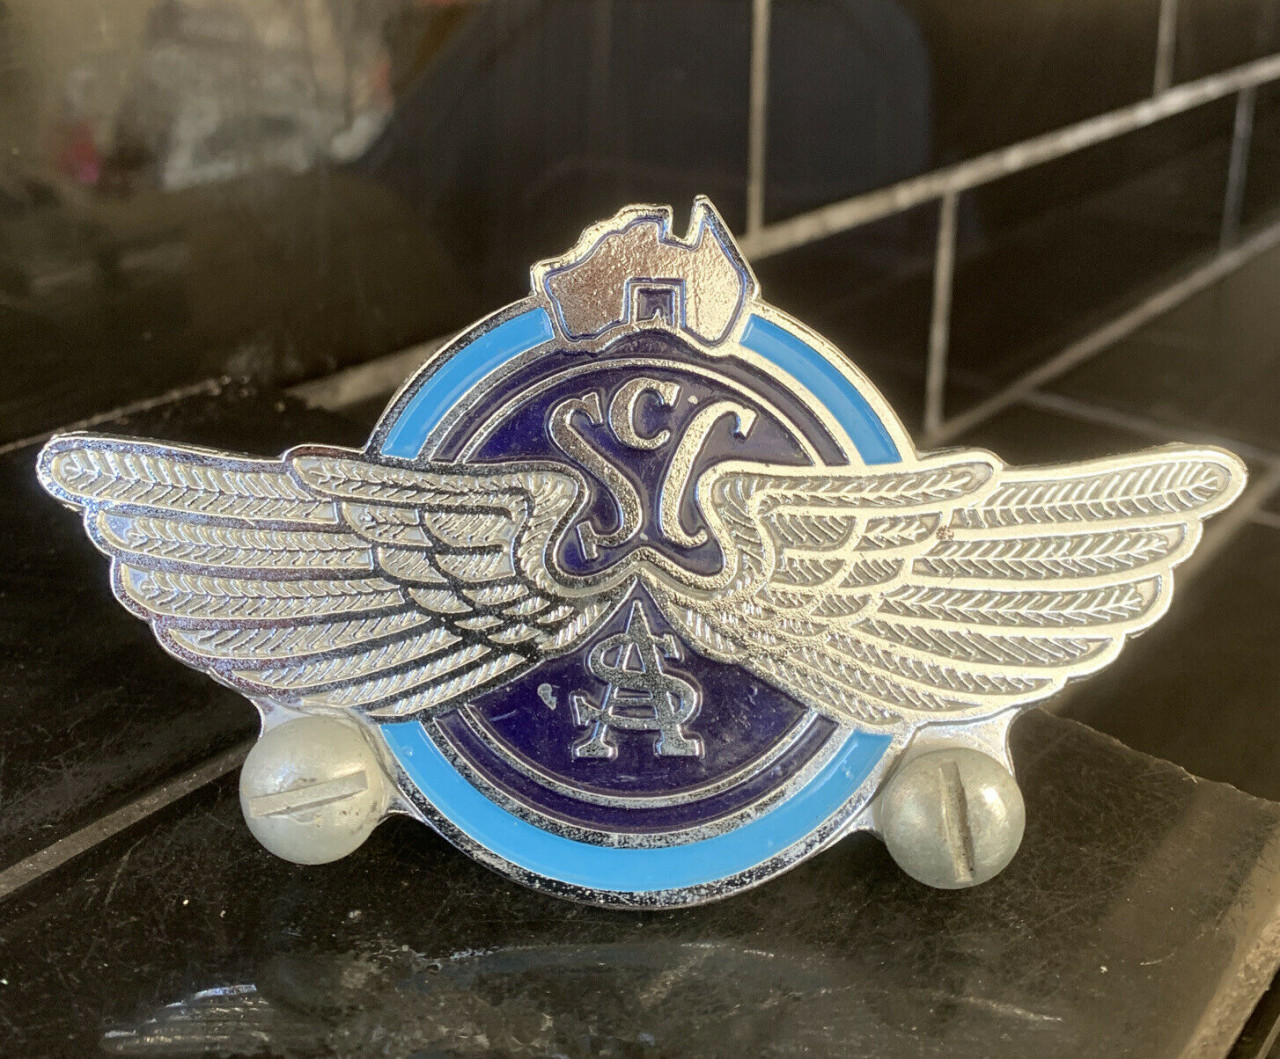 SCCA Badge